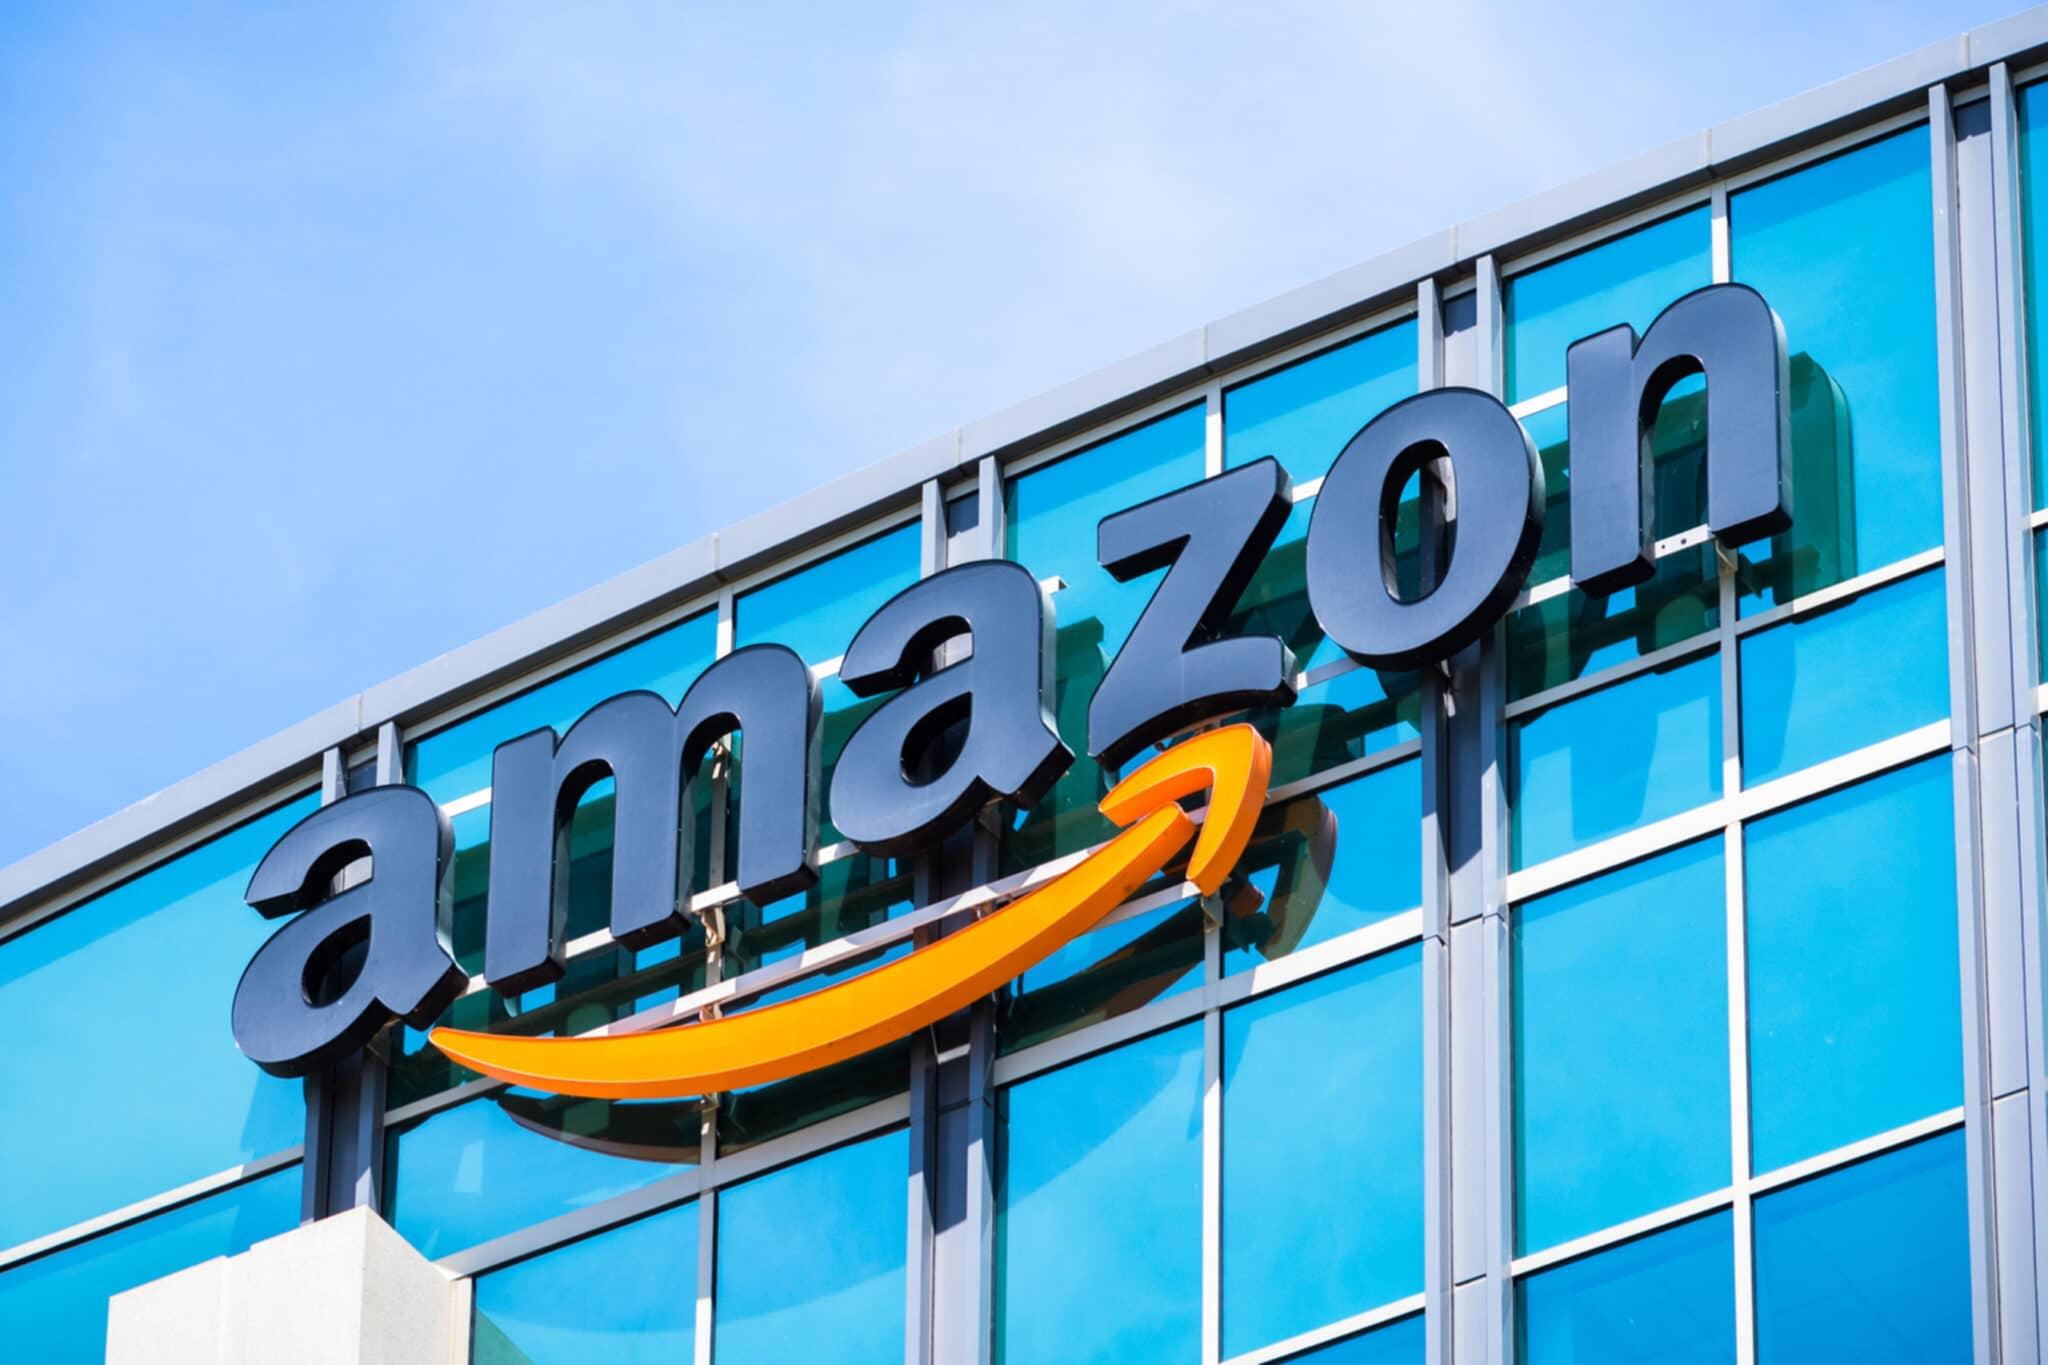 Amazon, leader, rinnovabili, investimenti, solare, eolico, emissioni, clima, obiettivi, energia, sostenibilità, esempio, aziende, impianti, Energy Close-up Engineering